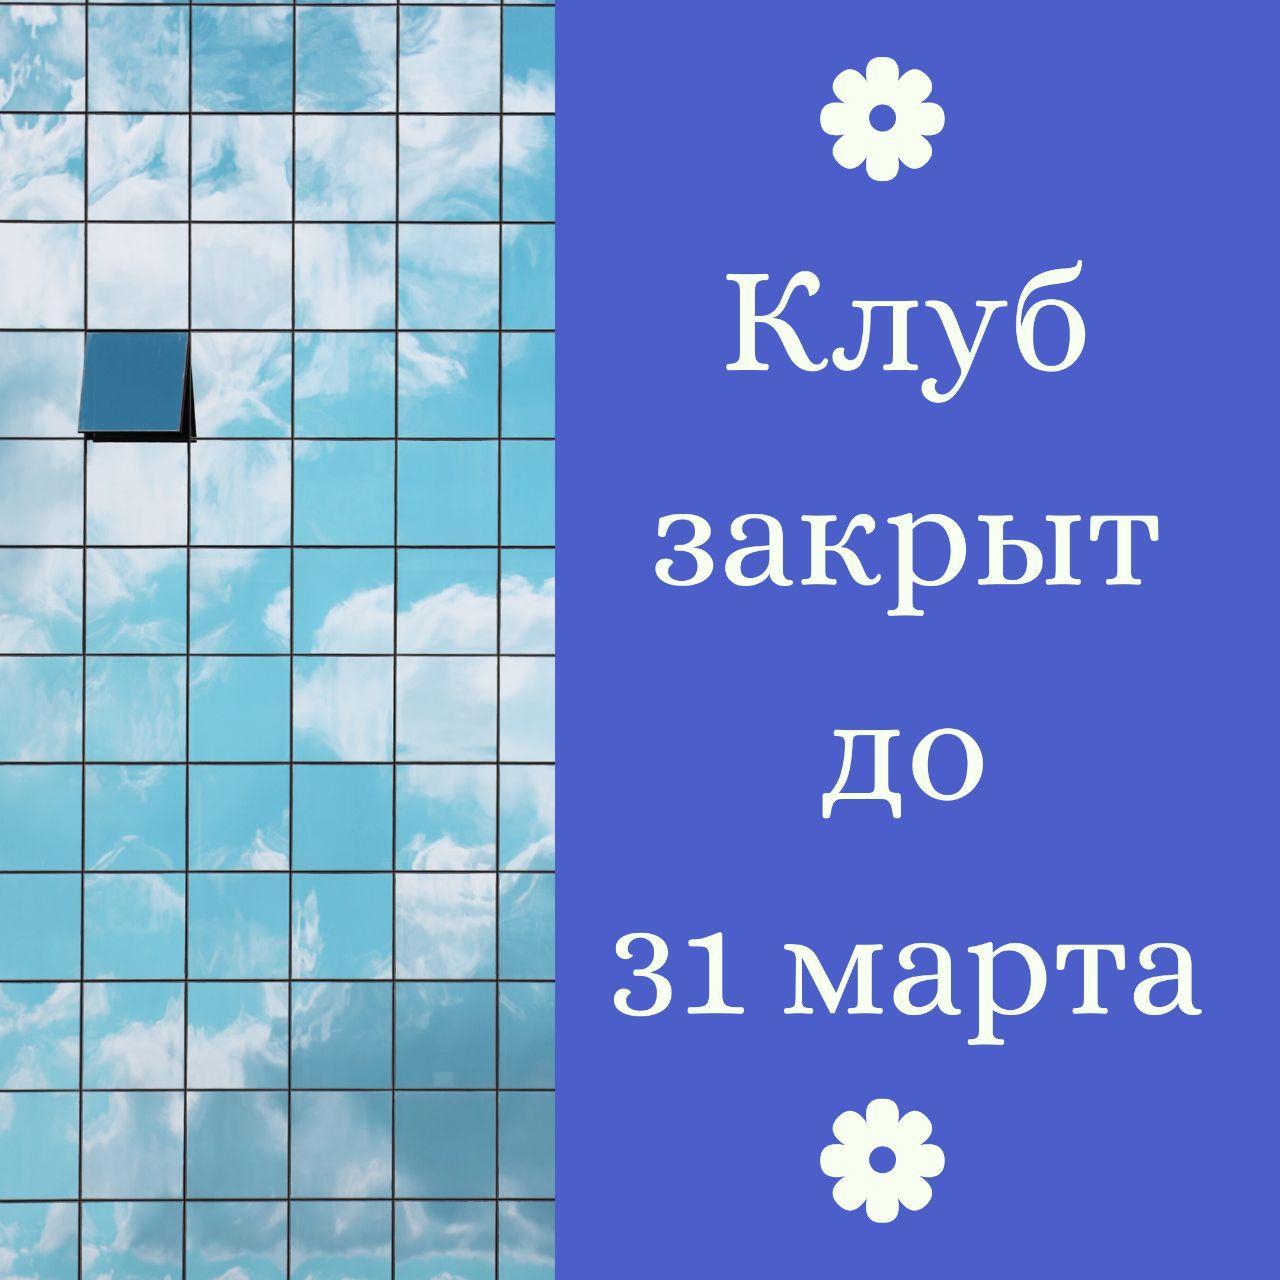 photo_2020-03-23_20-59-14